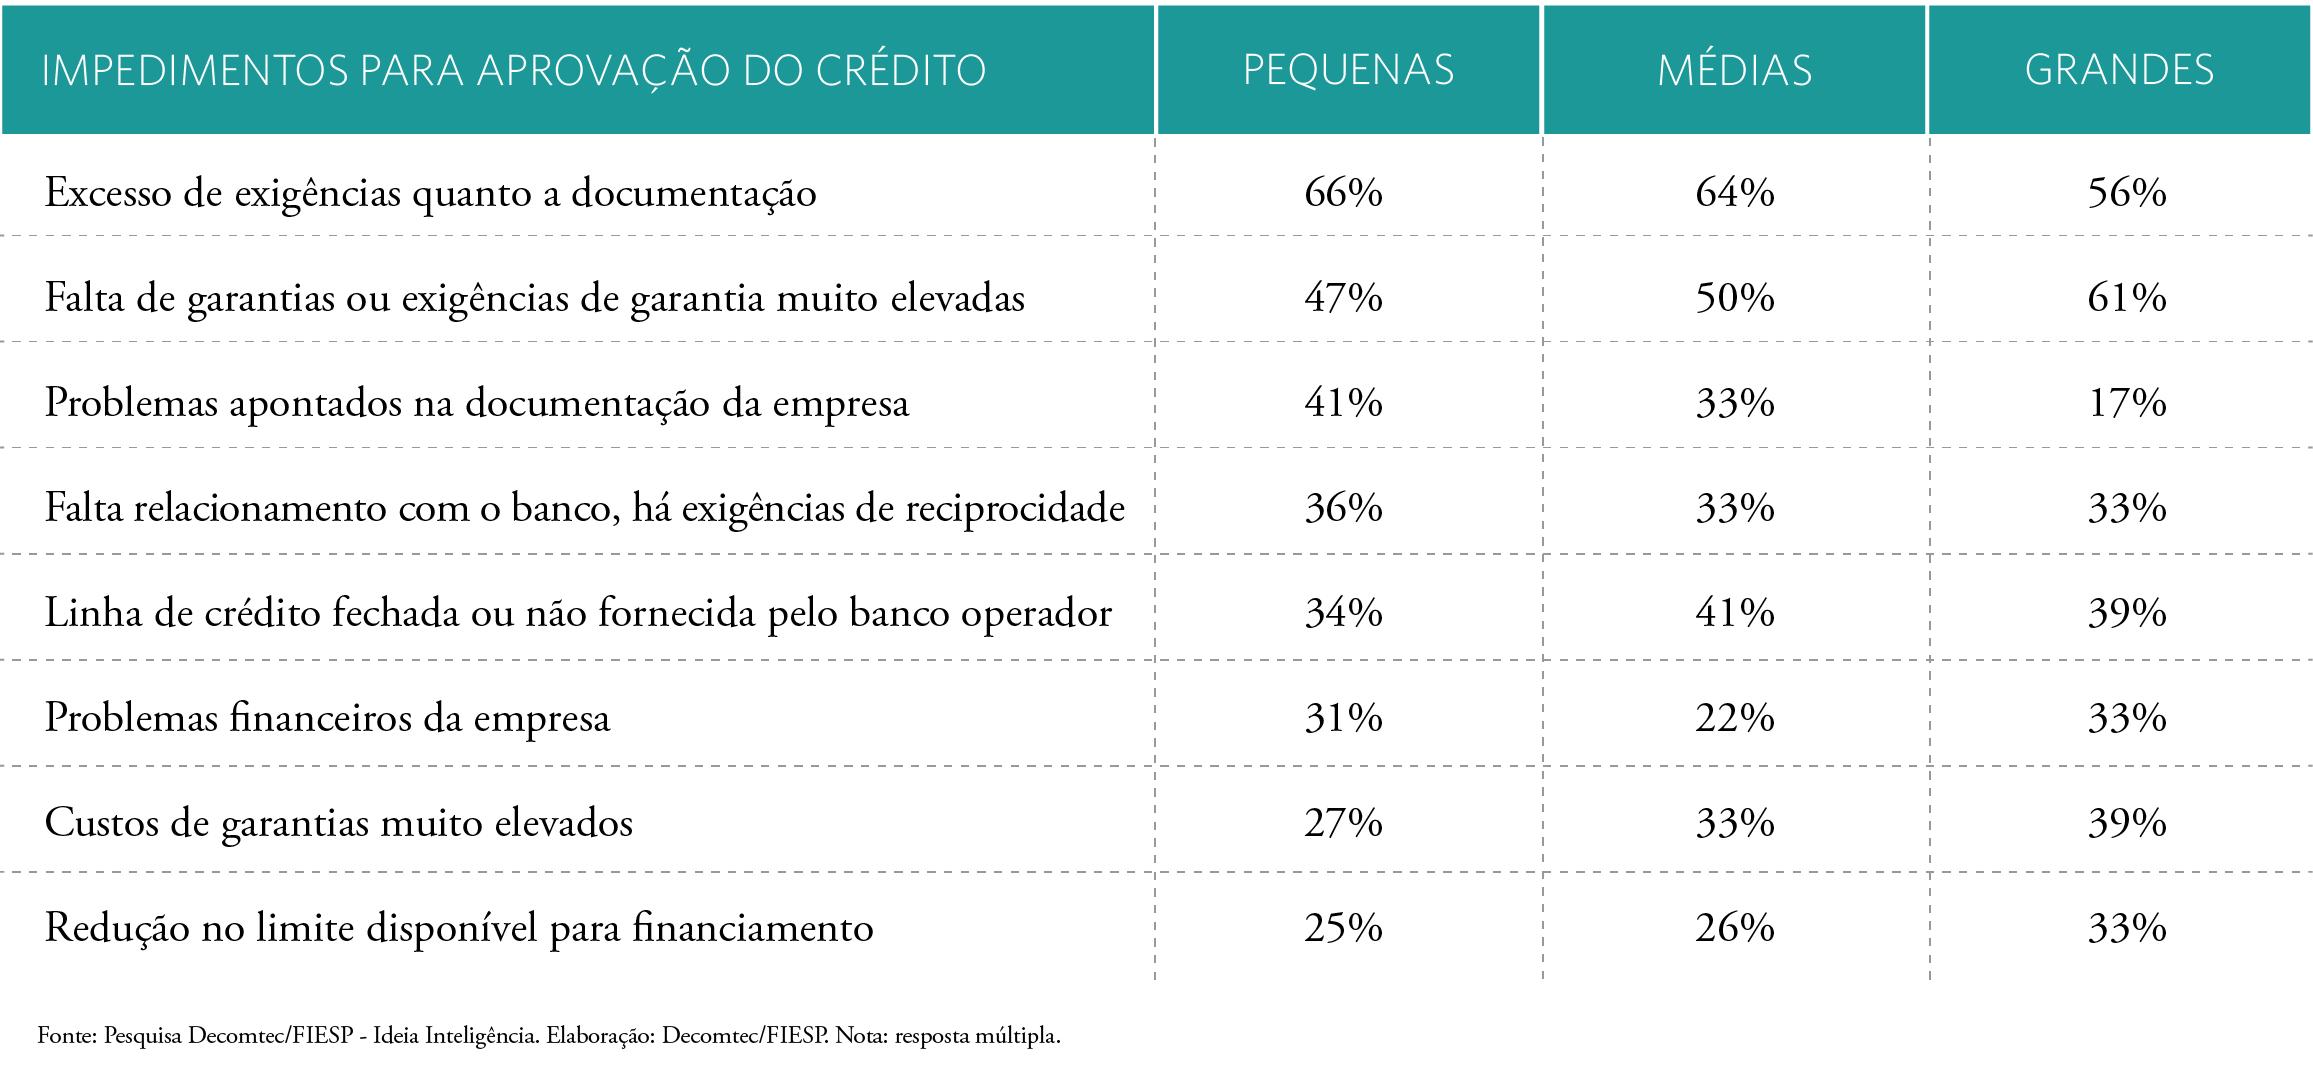 Acesso-a-Cr%C3%A9dito-no-Brasil-capital-existe-s%C3%B3-%C3%A9-dif%C3%ADcil-captar-5